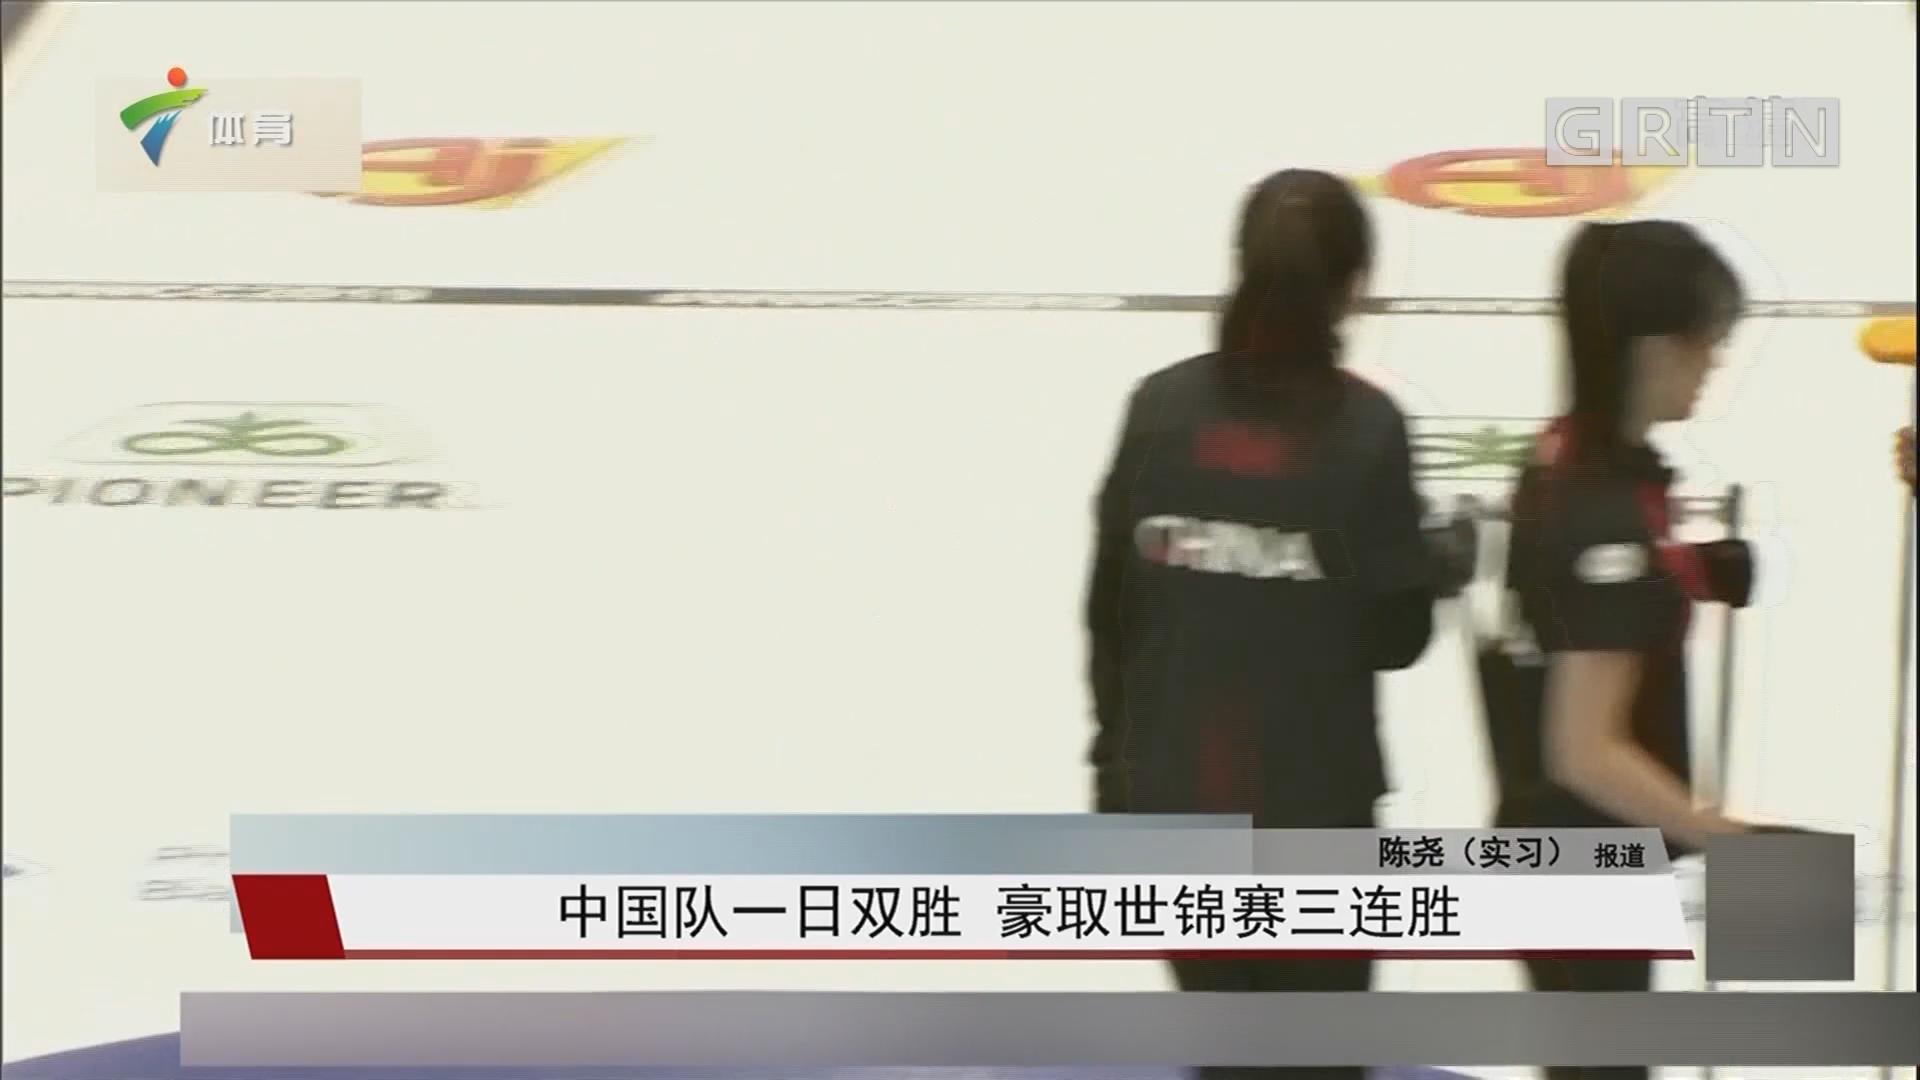 中国队一日双胜 豪取世锦赛三连胜